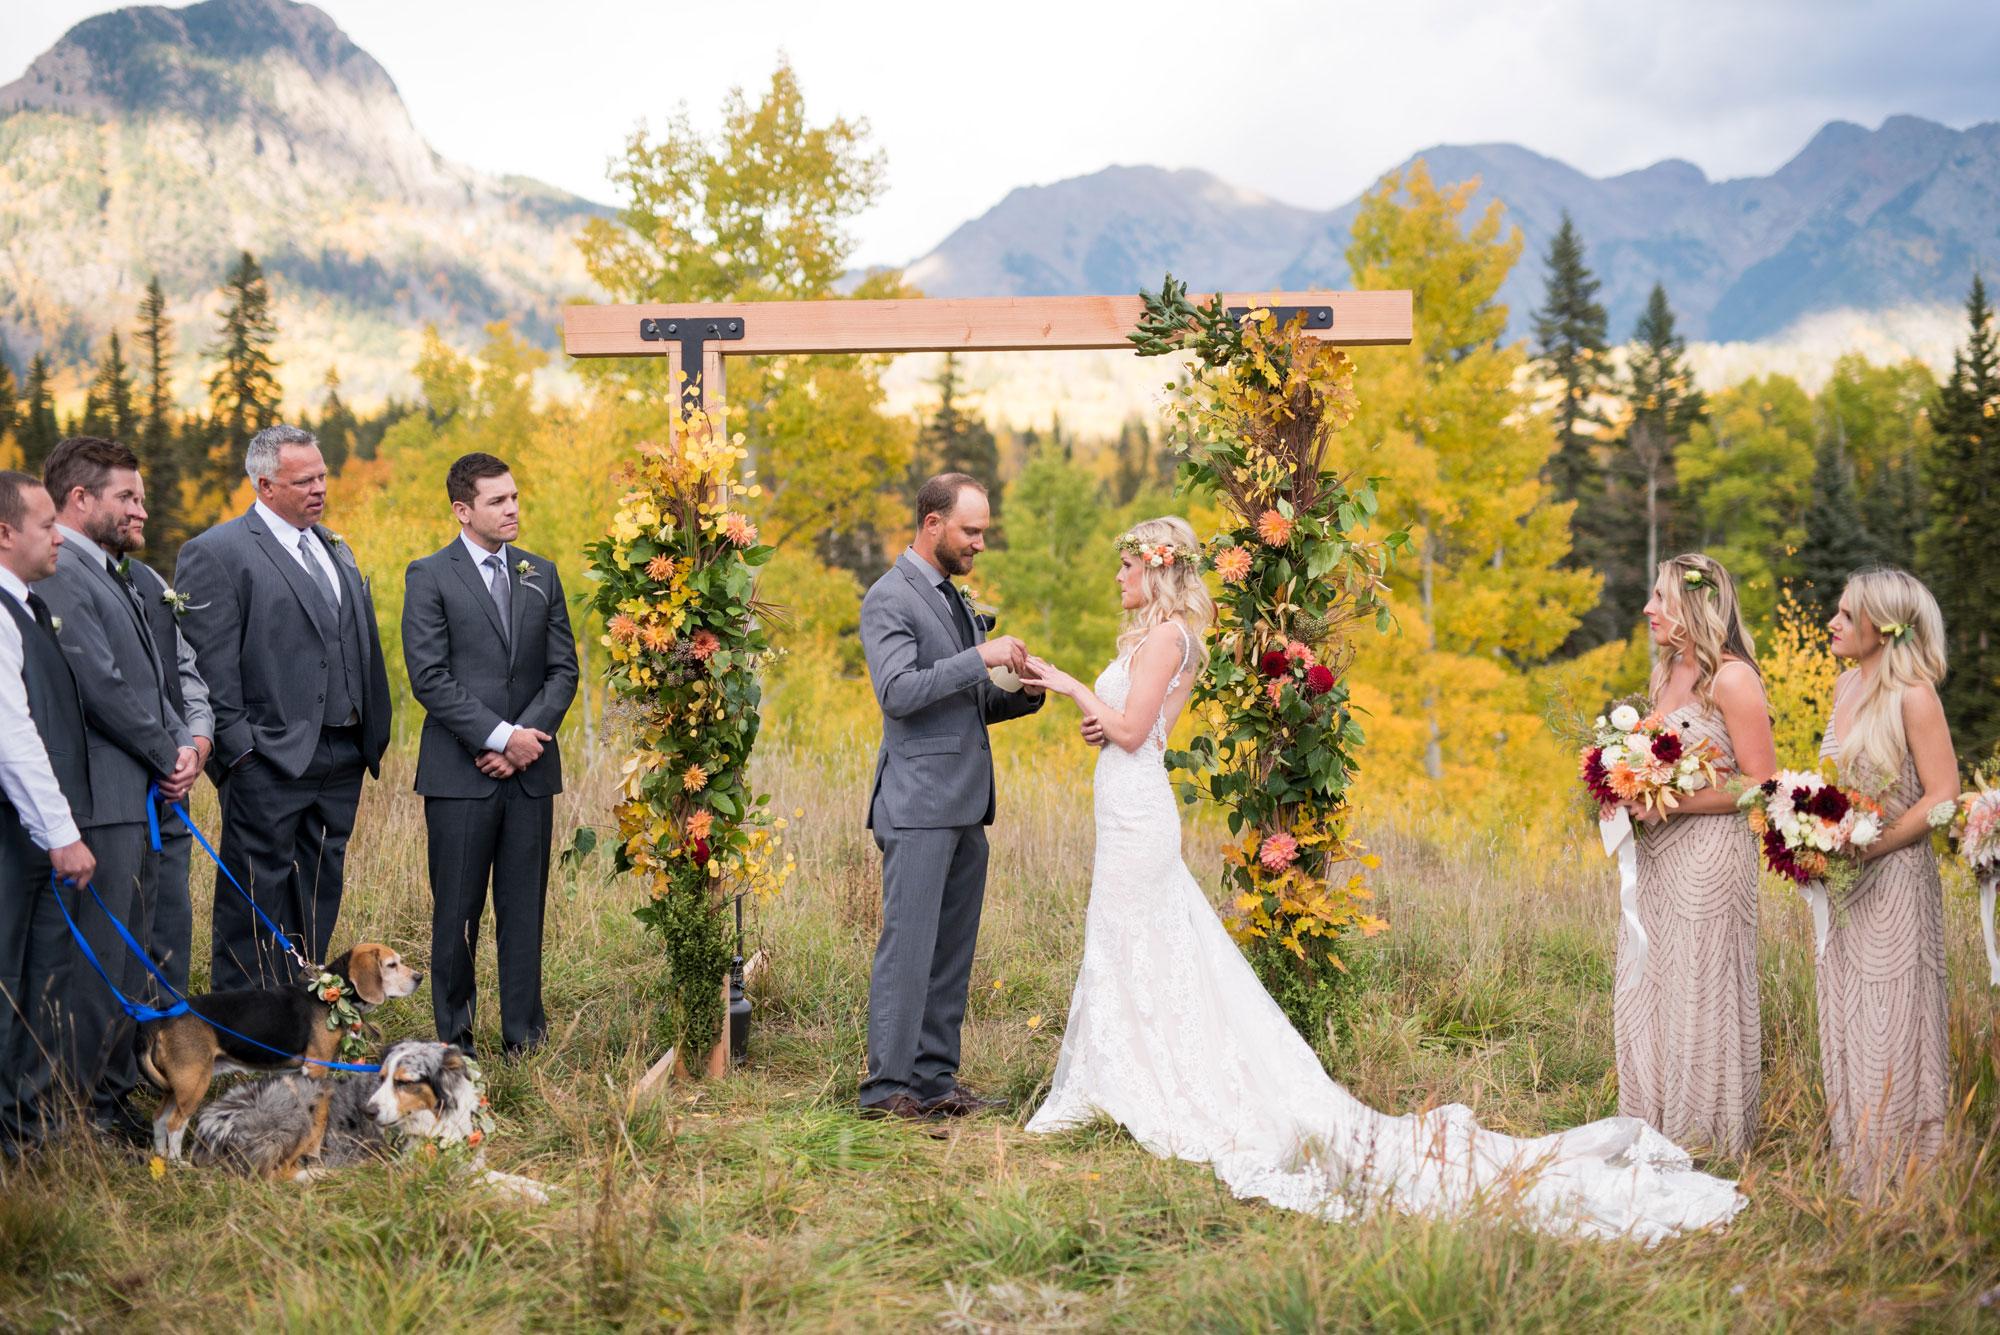 A Fall Rocky Mountain Wedding in Durango, Colorado